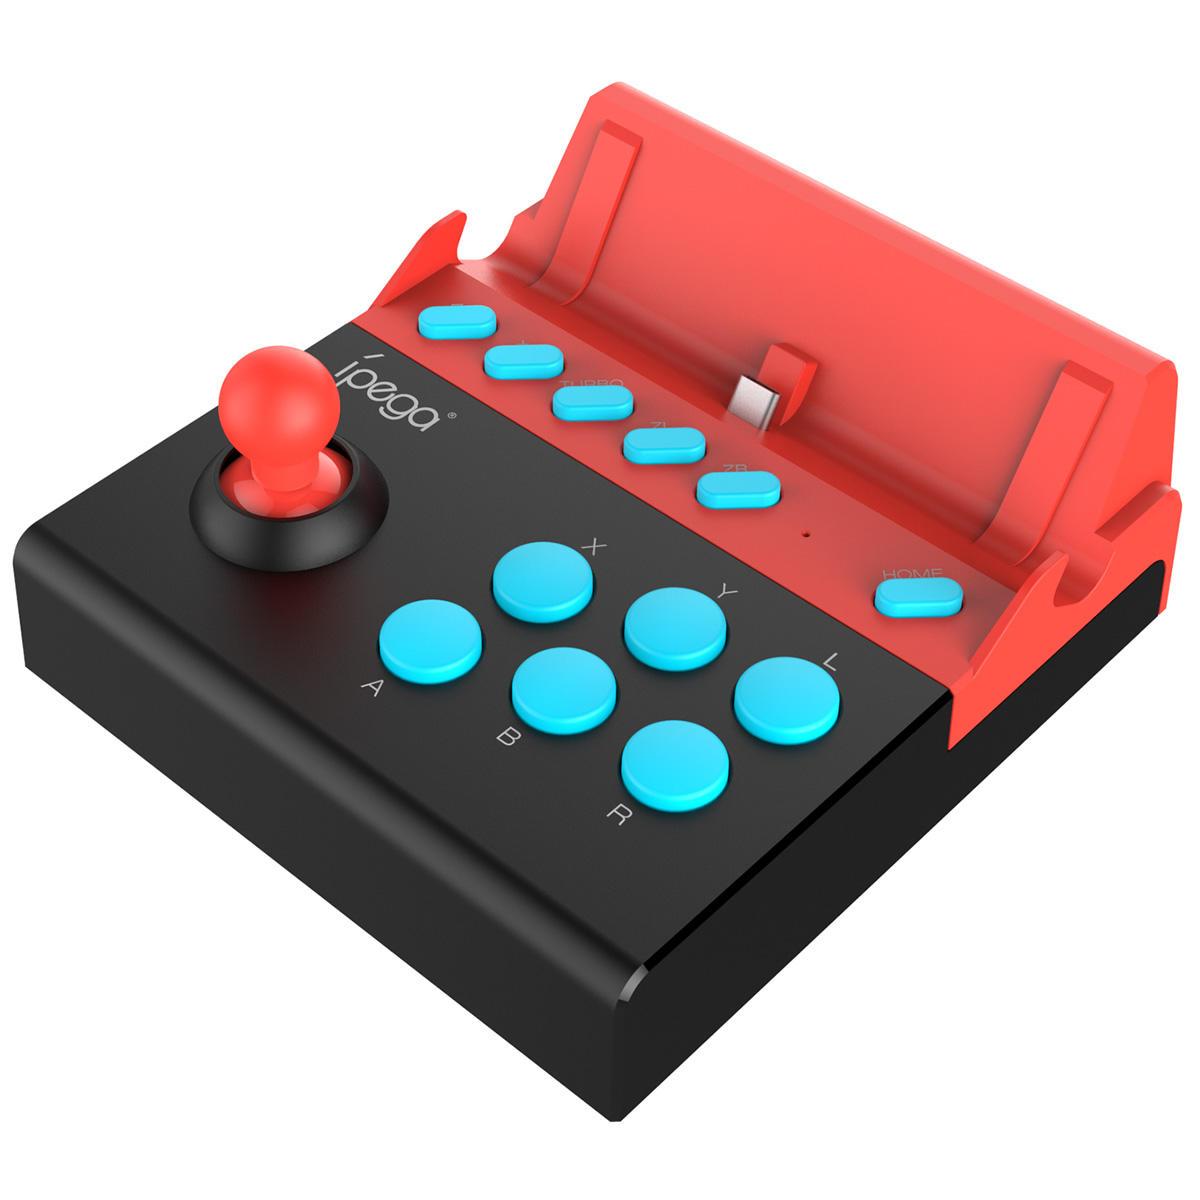 iPega PG-9136 Arcade Joystick USB Nintendo Anahtarı Oyun Konsolu Oyuncu için Çubuk Denetleyici Mücadele